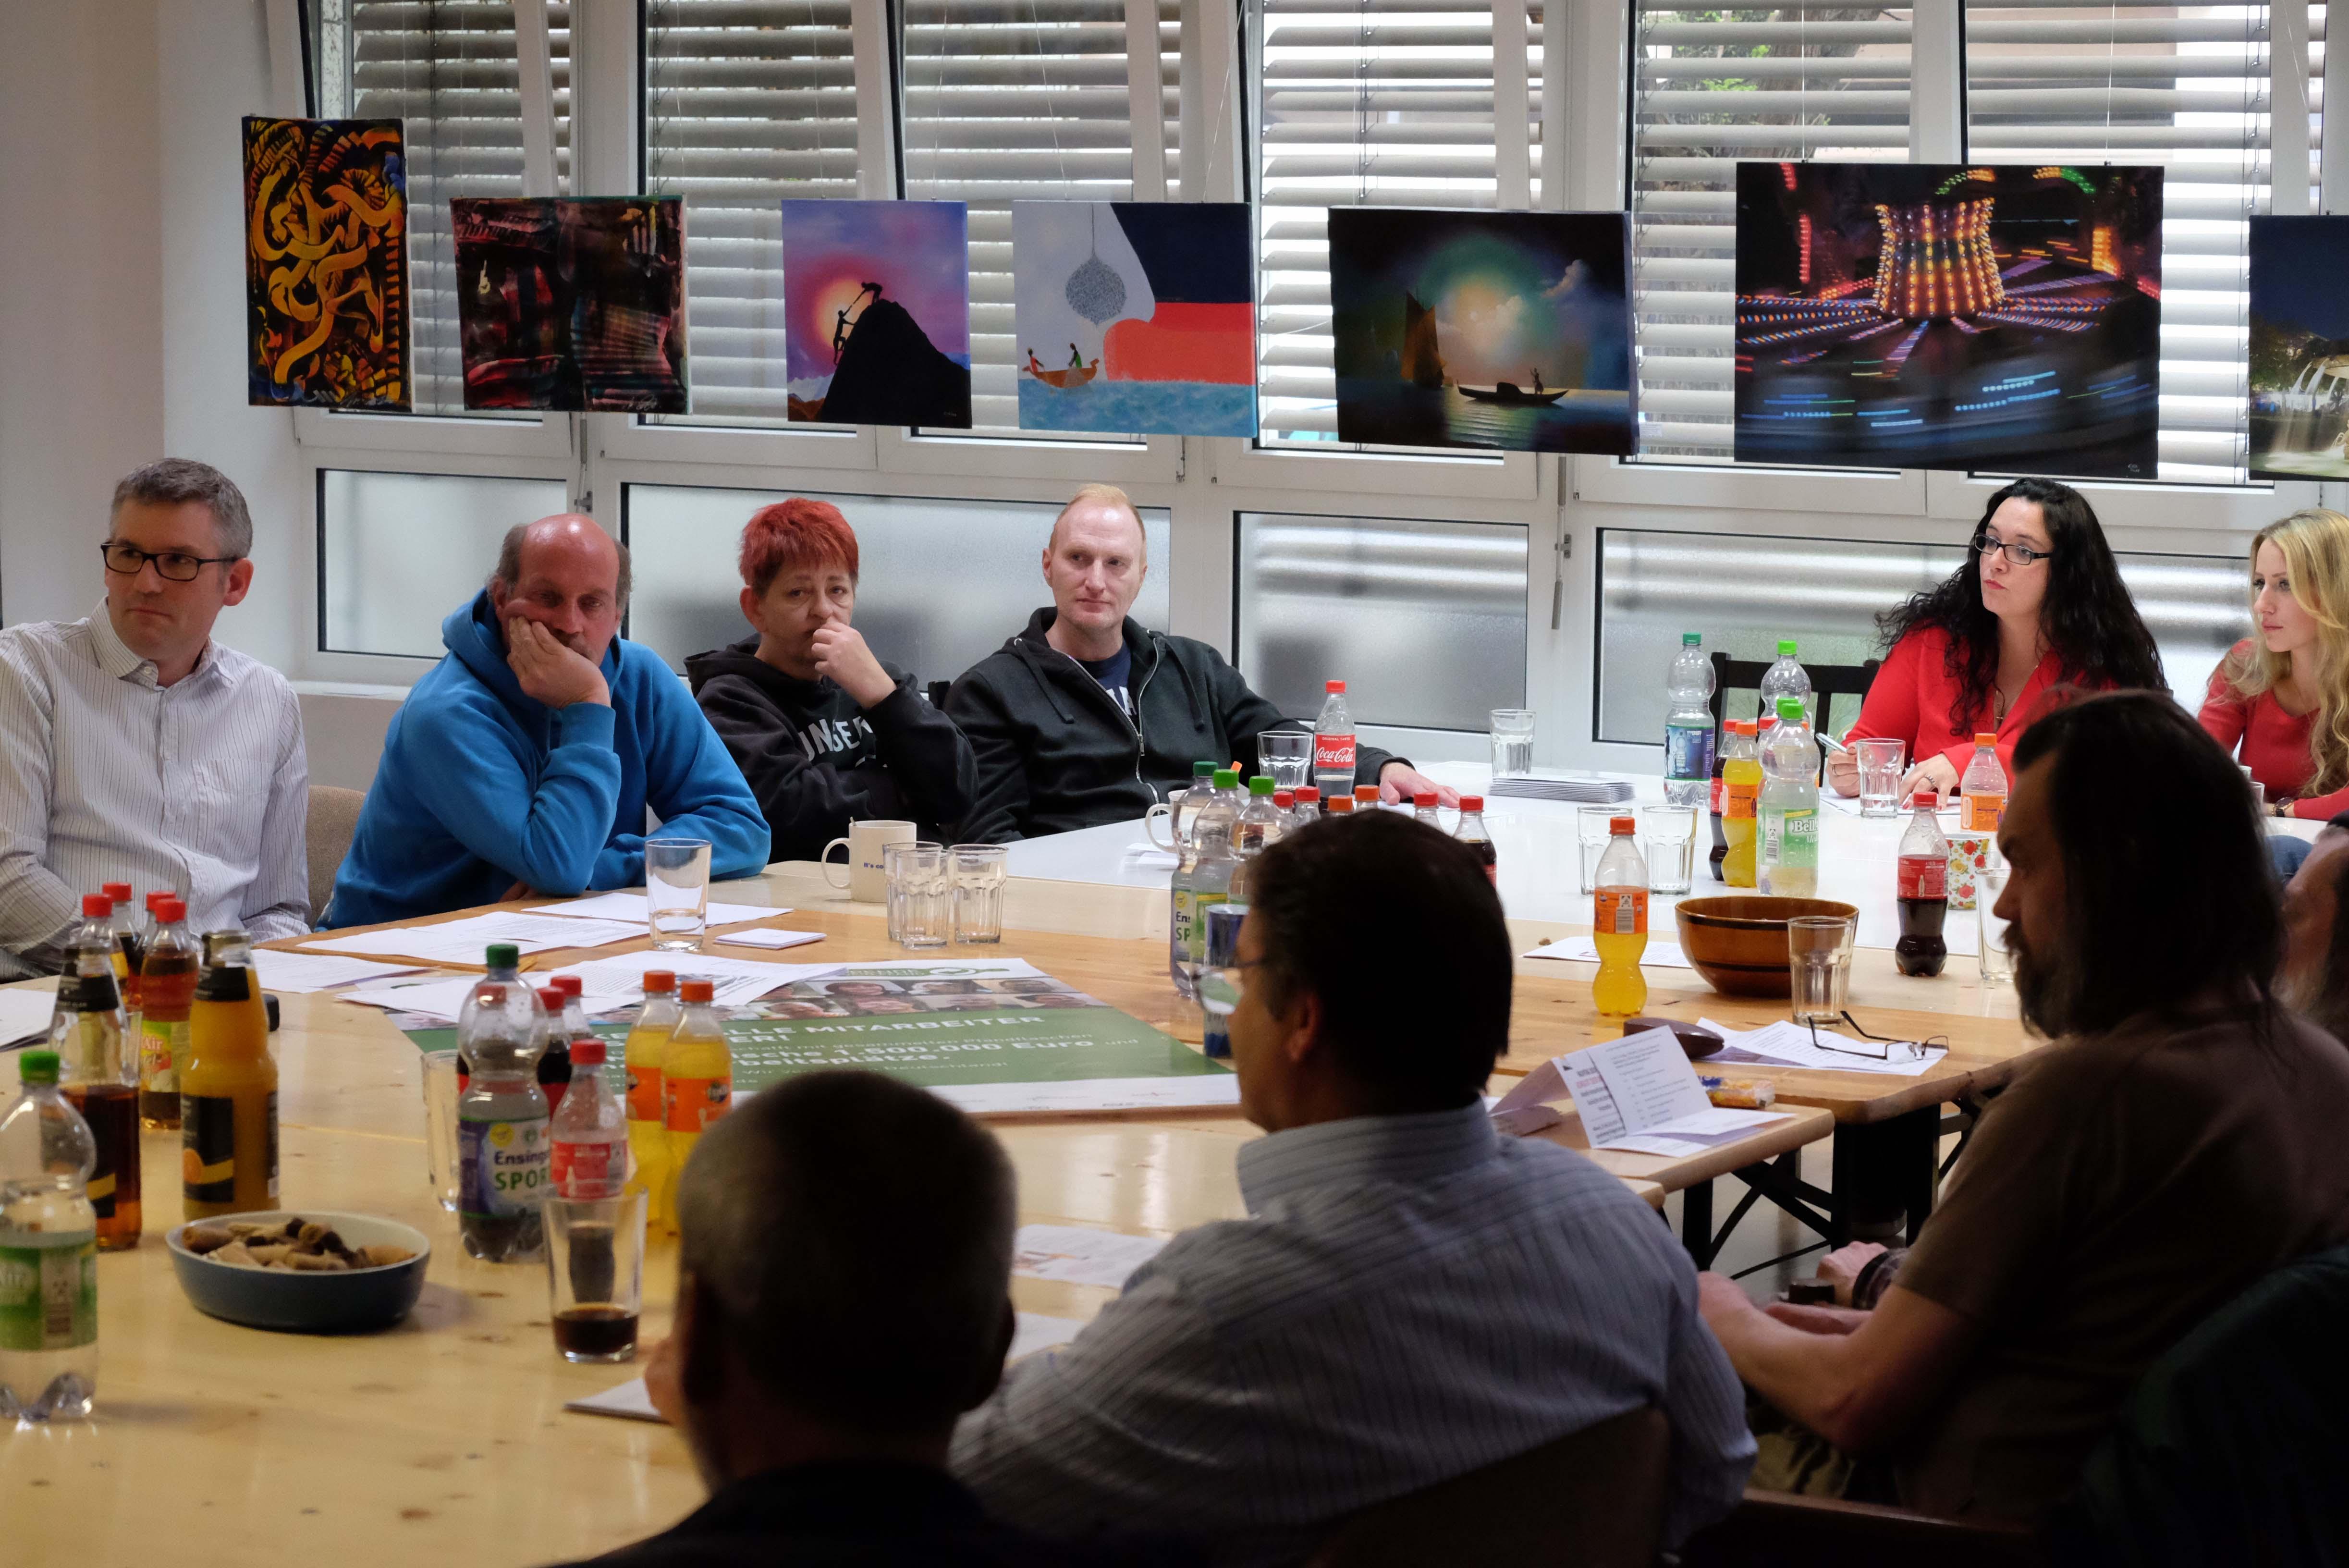 Menschen sitzen in der Trott-war-Galerie um einen Tisch